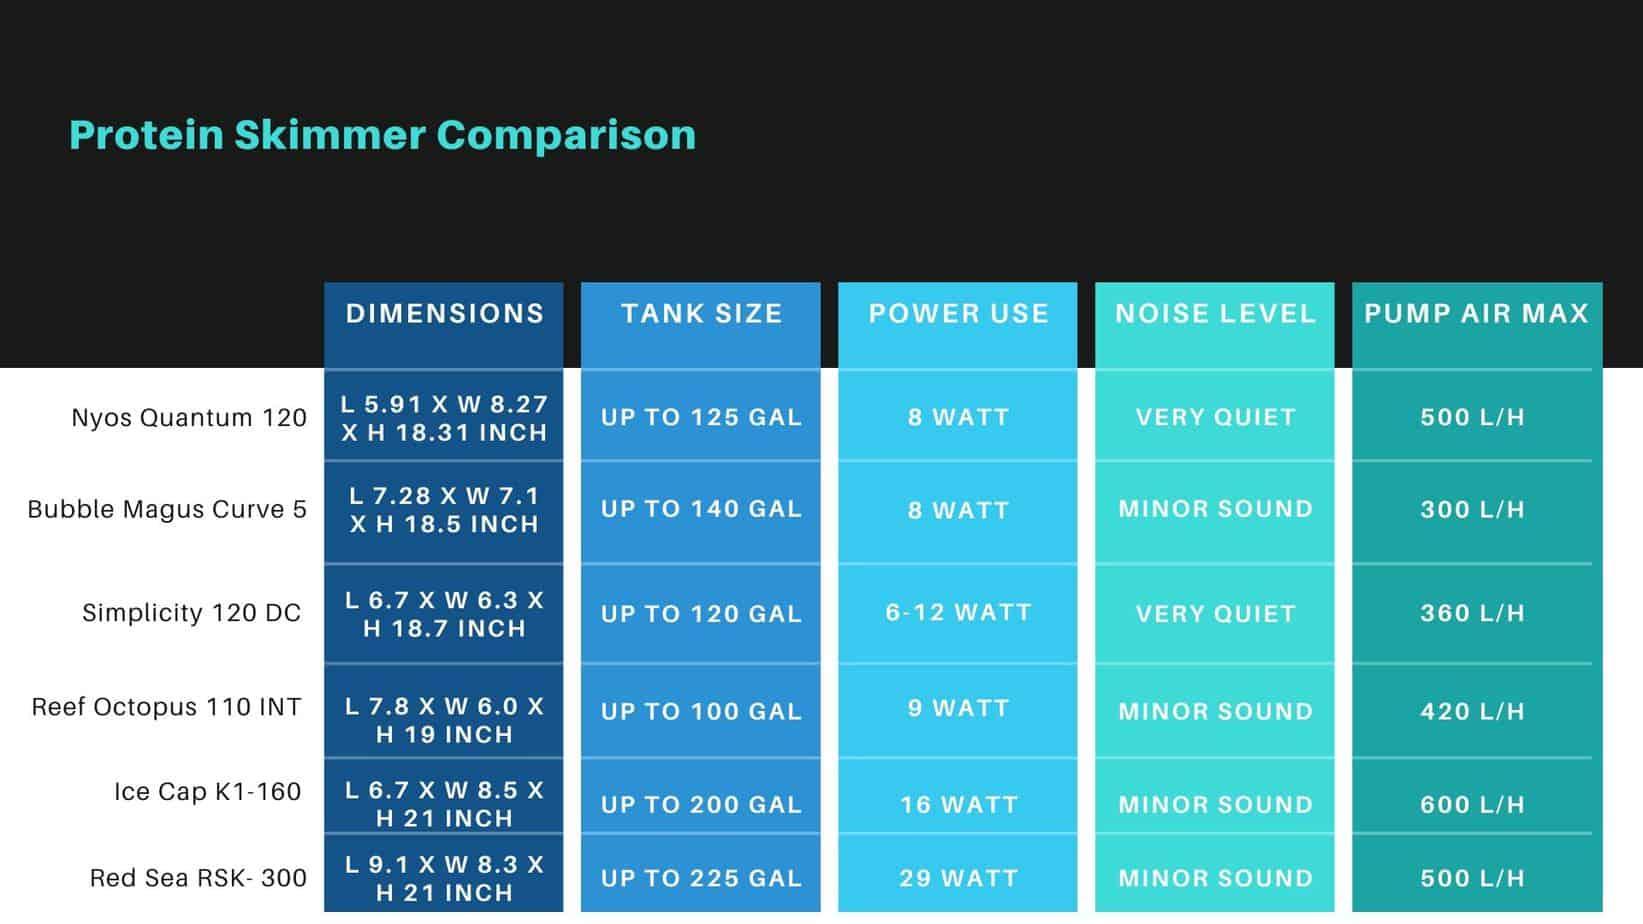 protein skimmer comparison